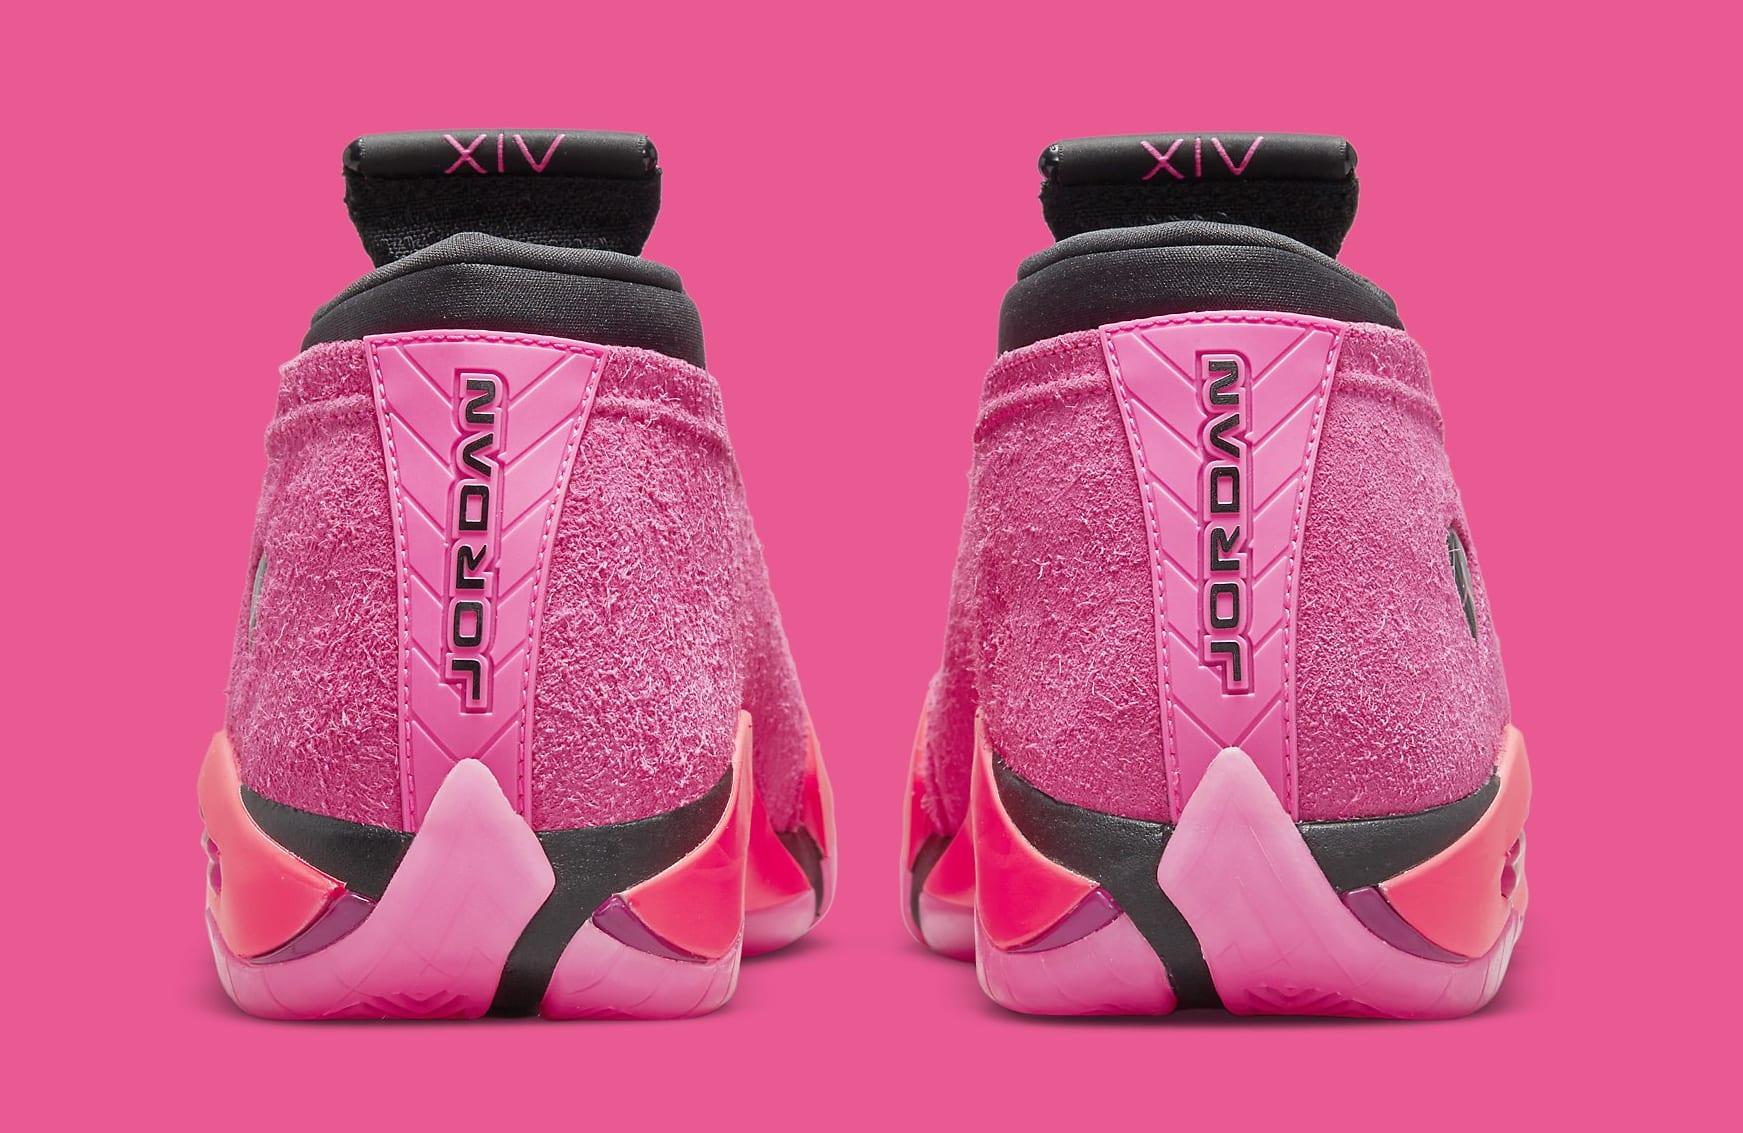 Air Jordan 14 Women's 'Shocking Pink' DH4121 600 Heel